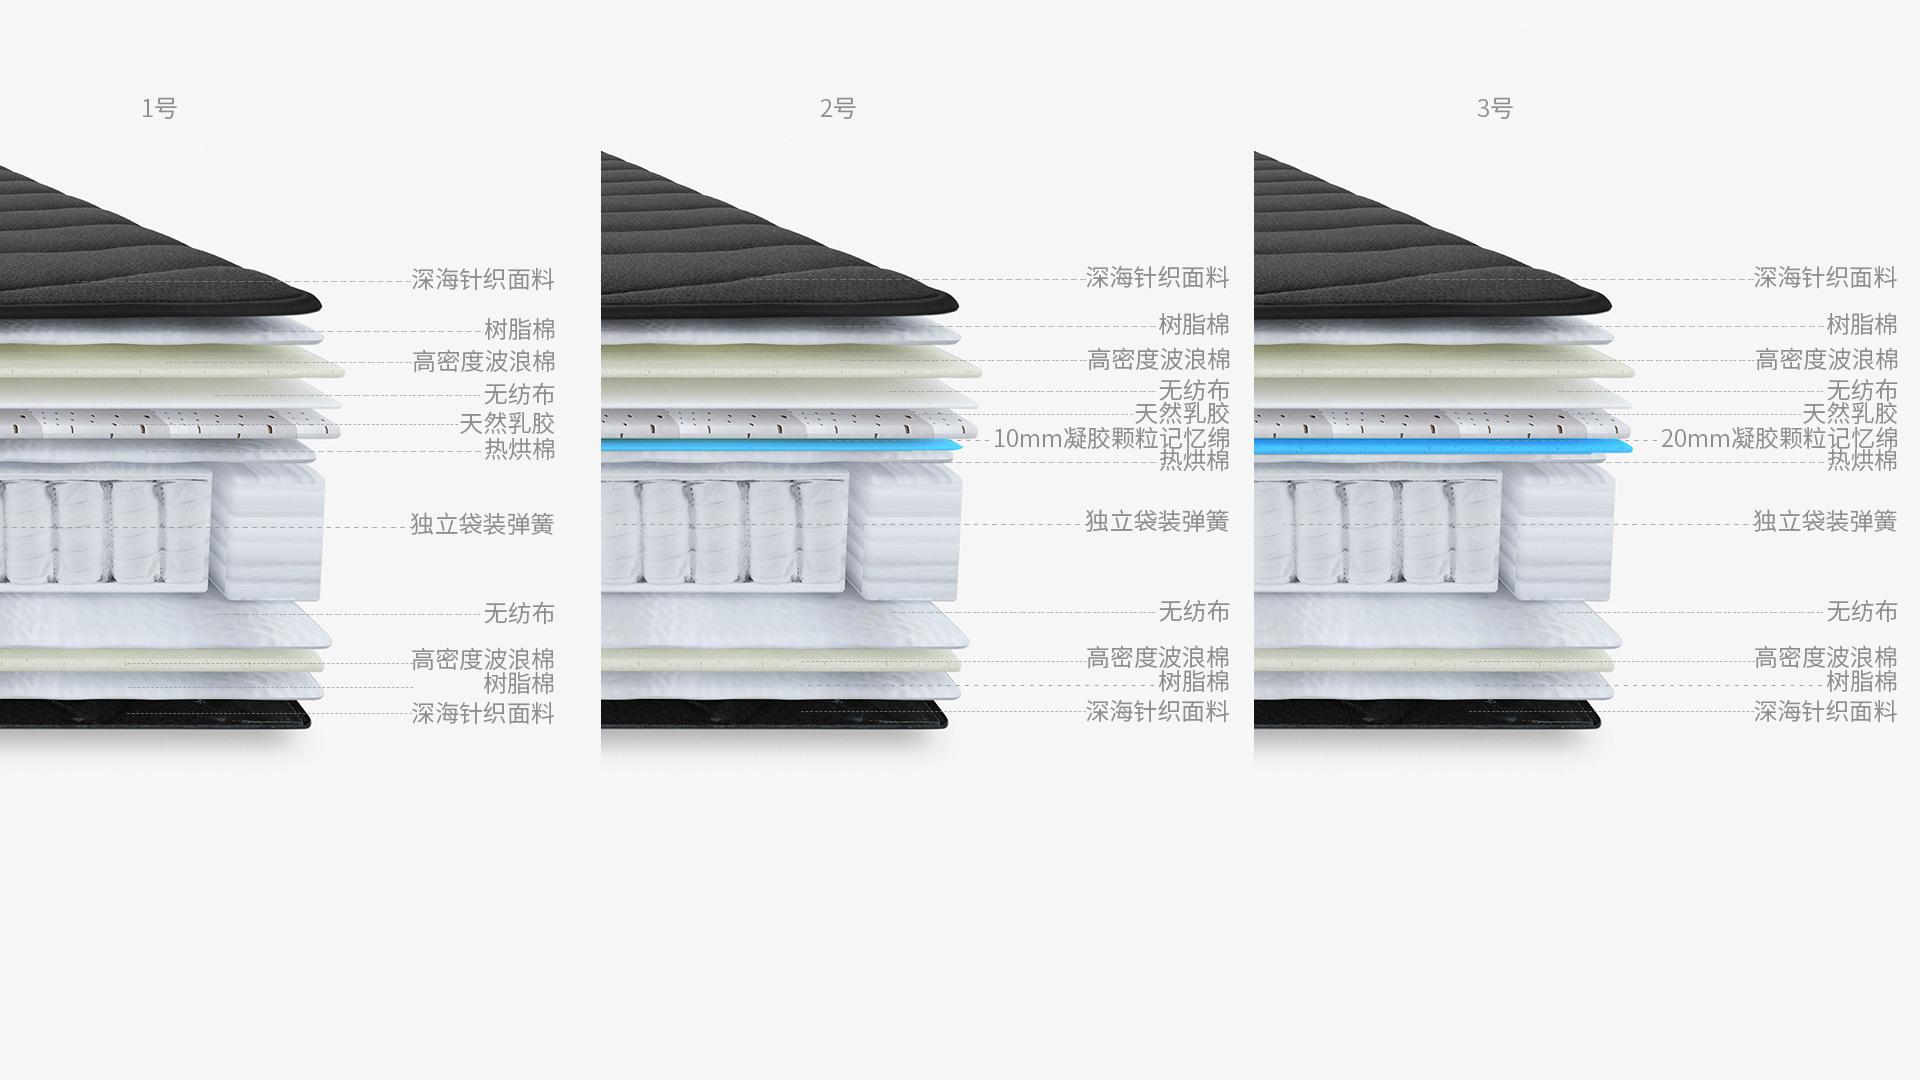 11+层优质填充,满足不同支撑需求